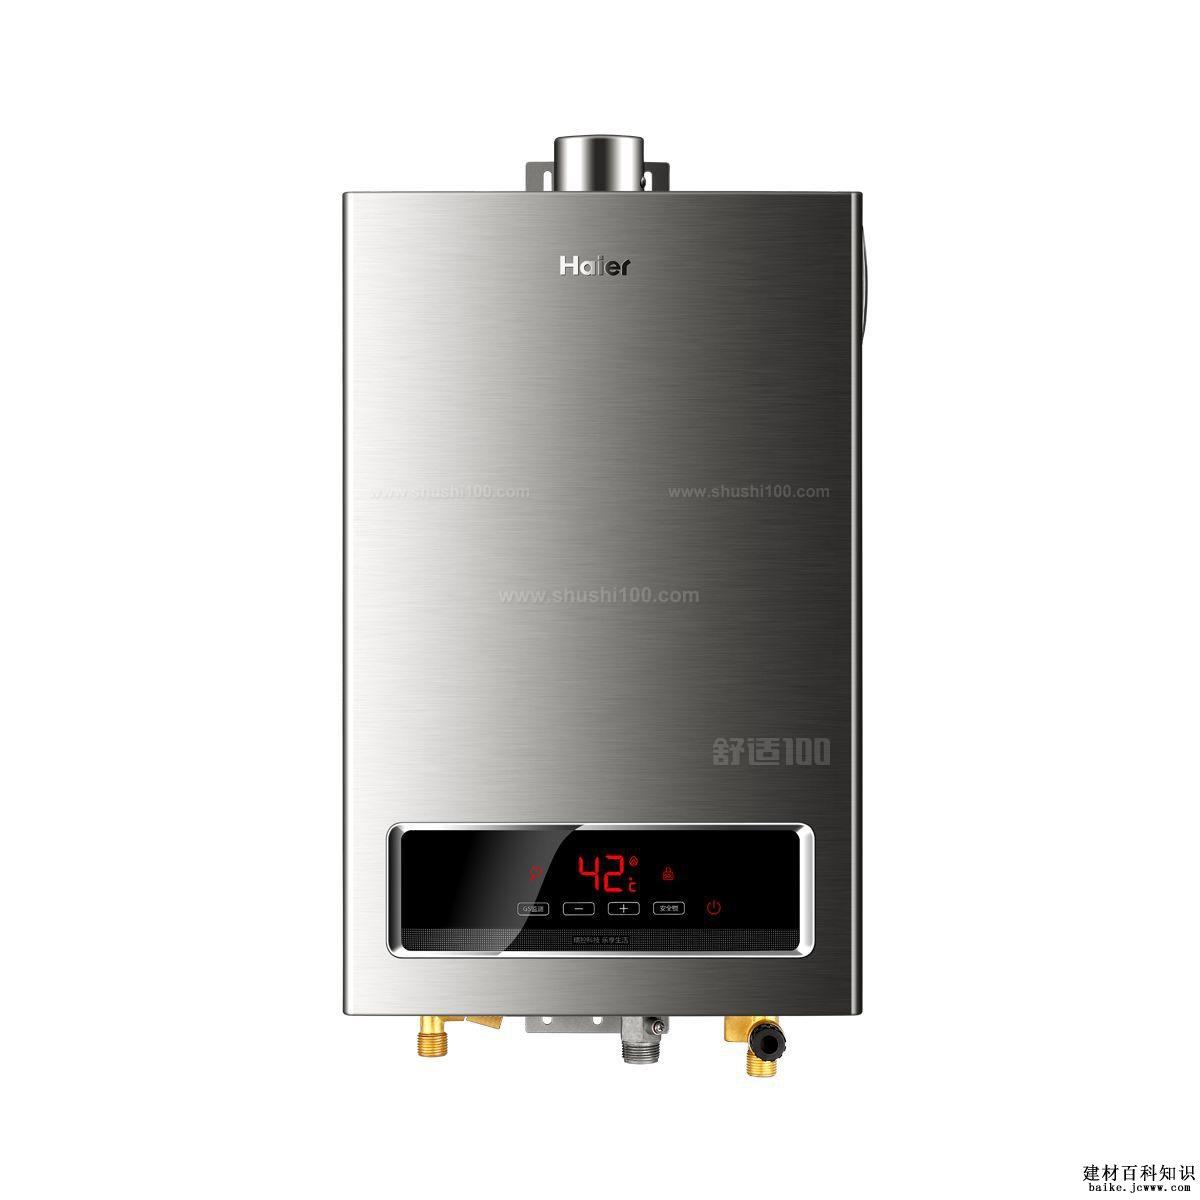 天燃气热水器